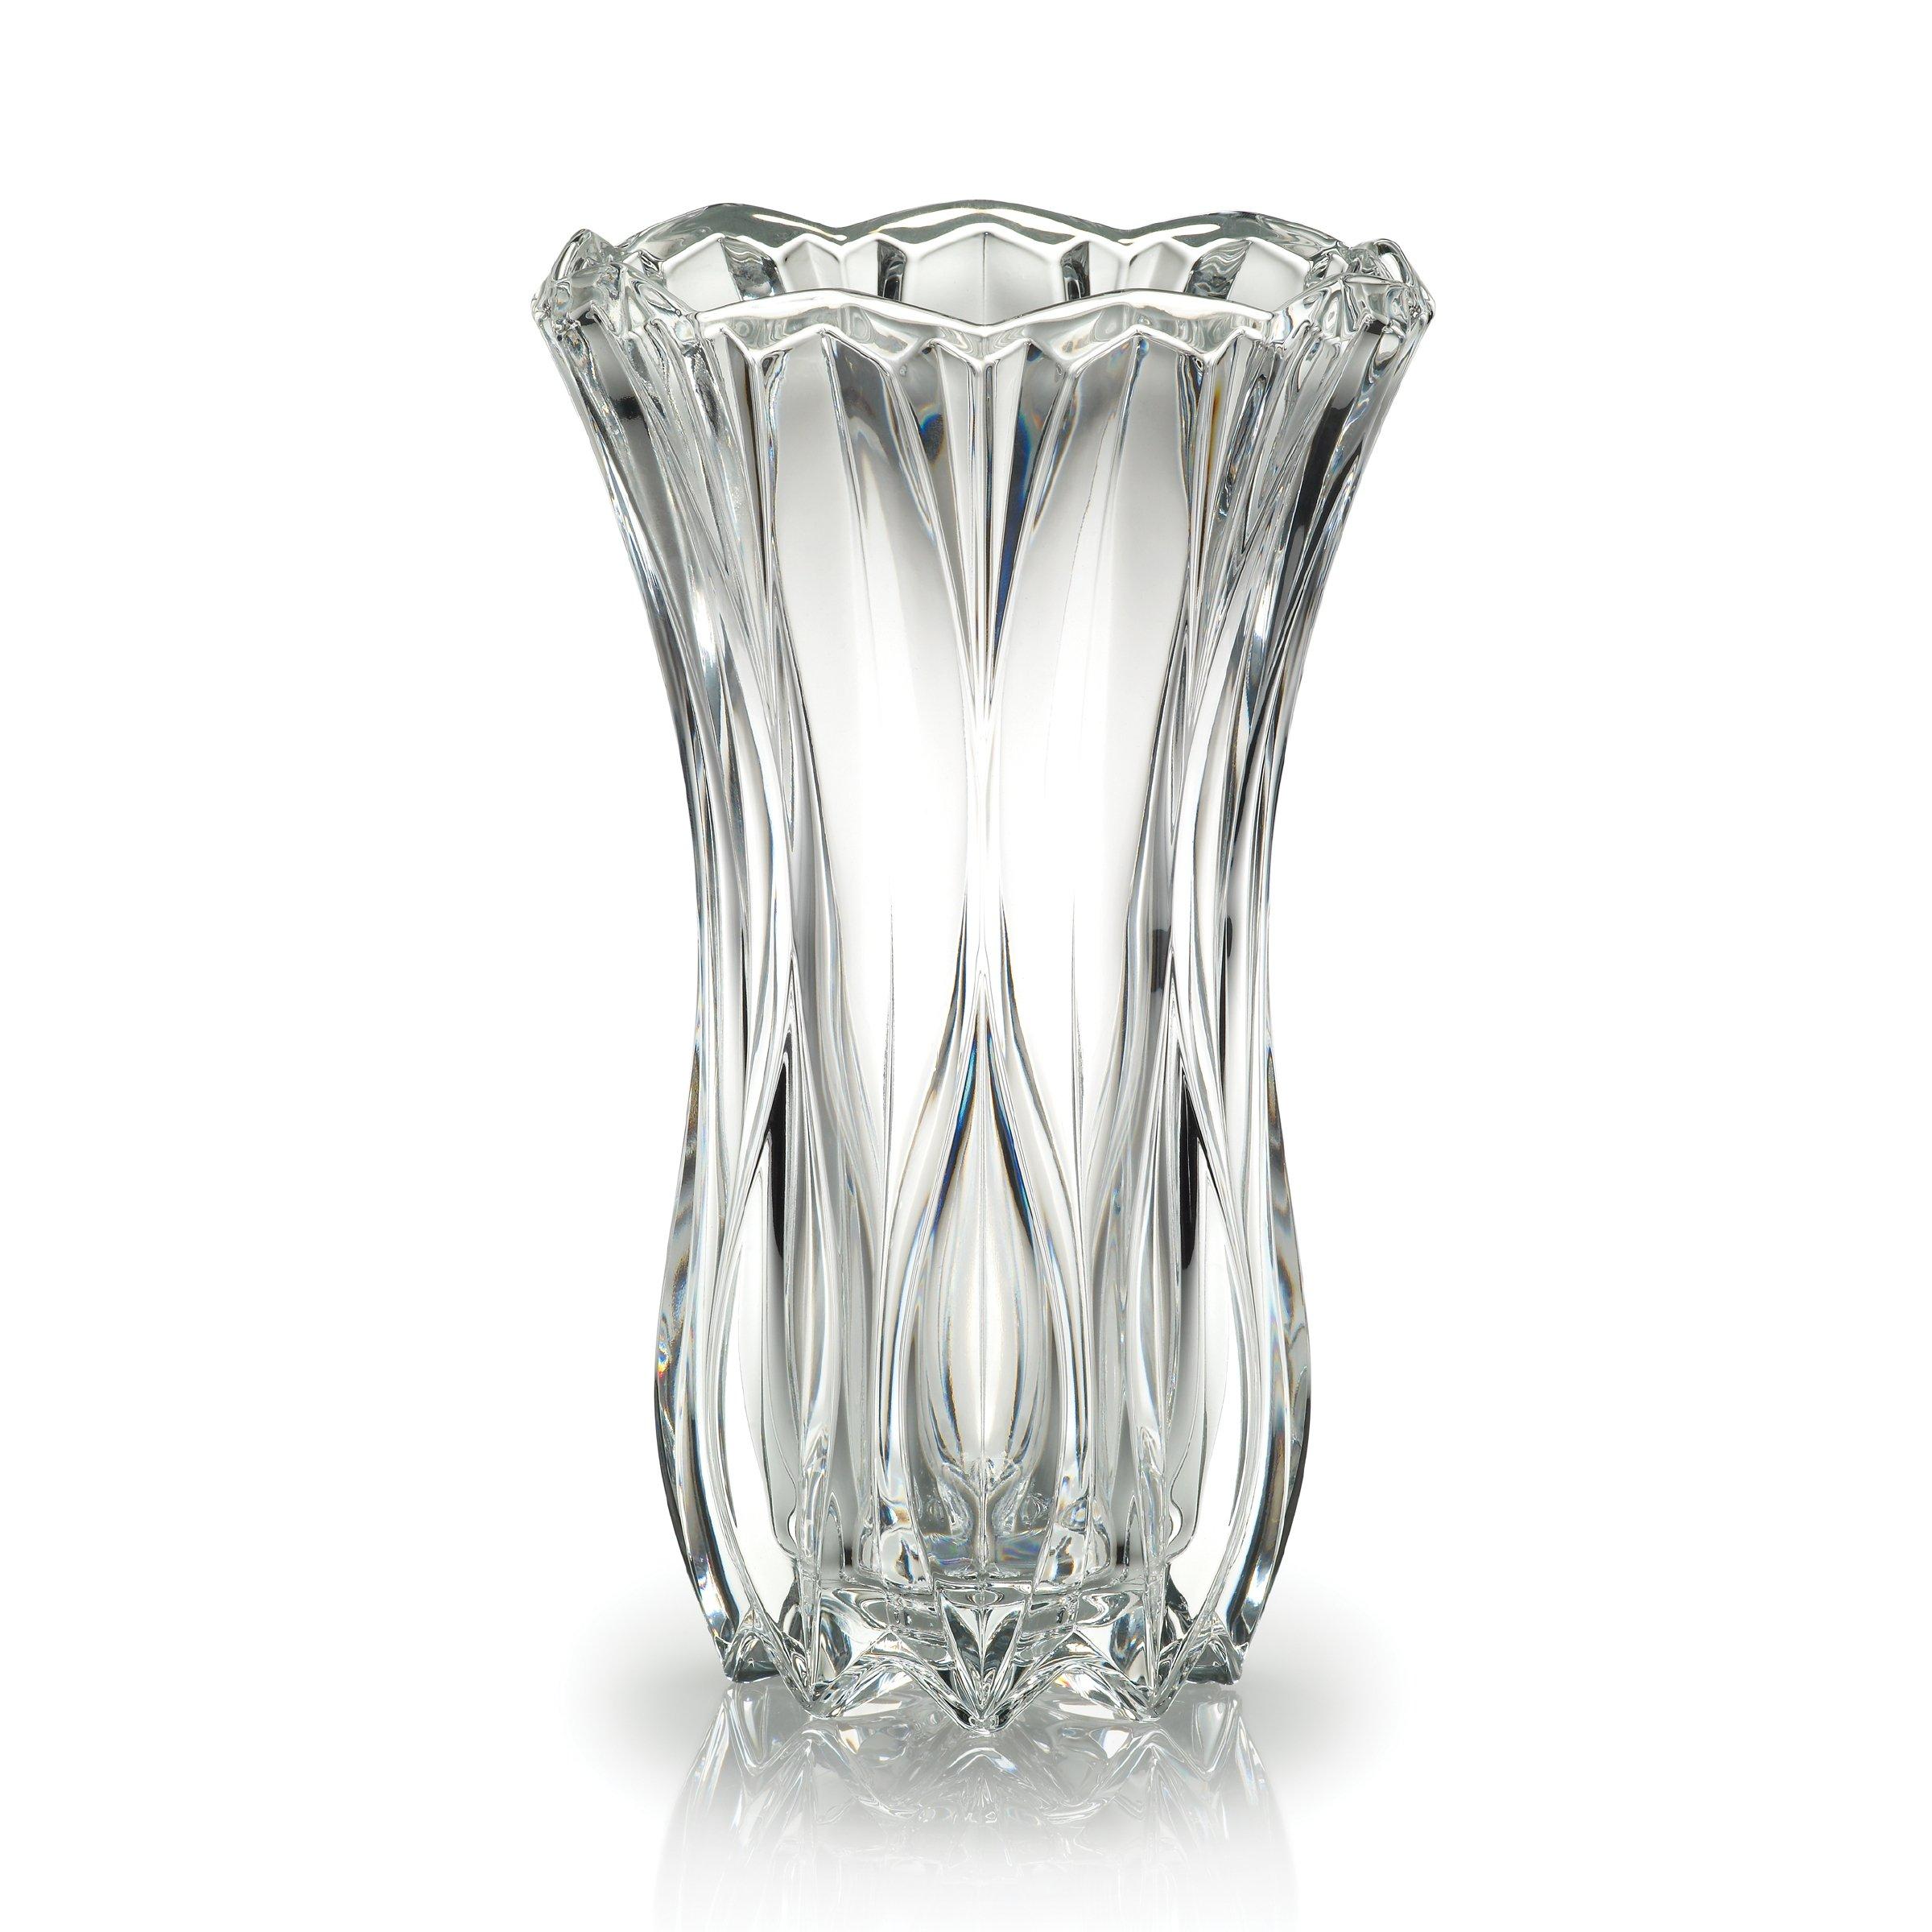 Mikasa Celebrations Blossom Crystal Vase, 12-Inch